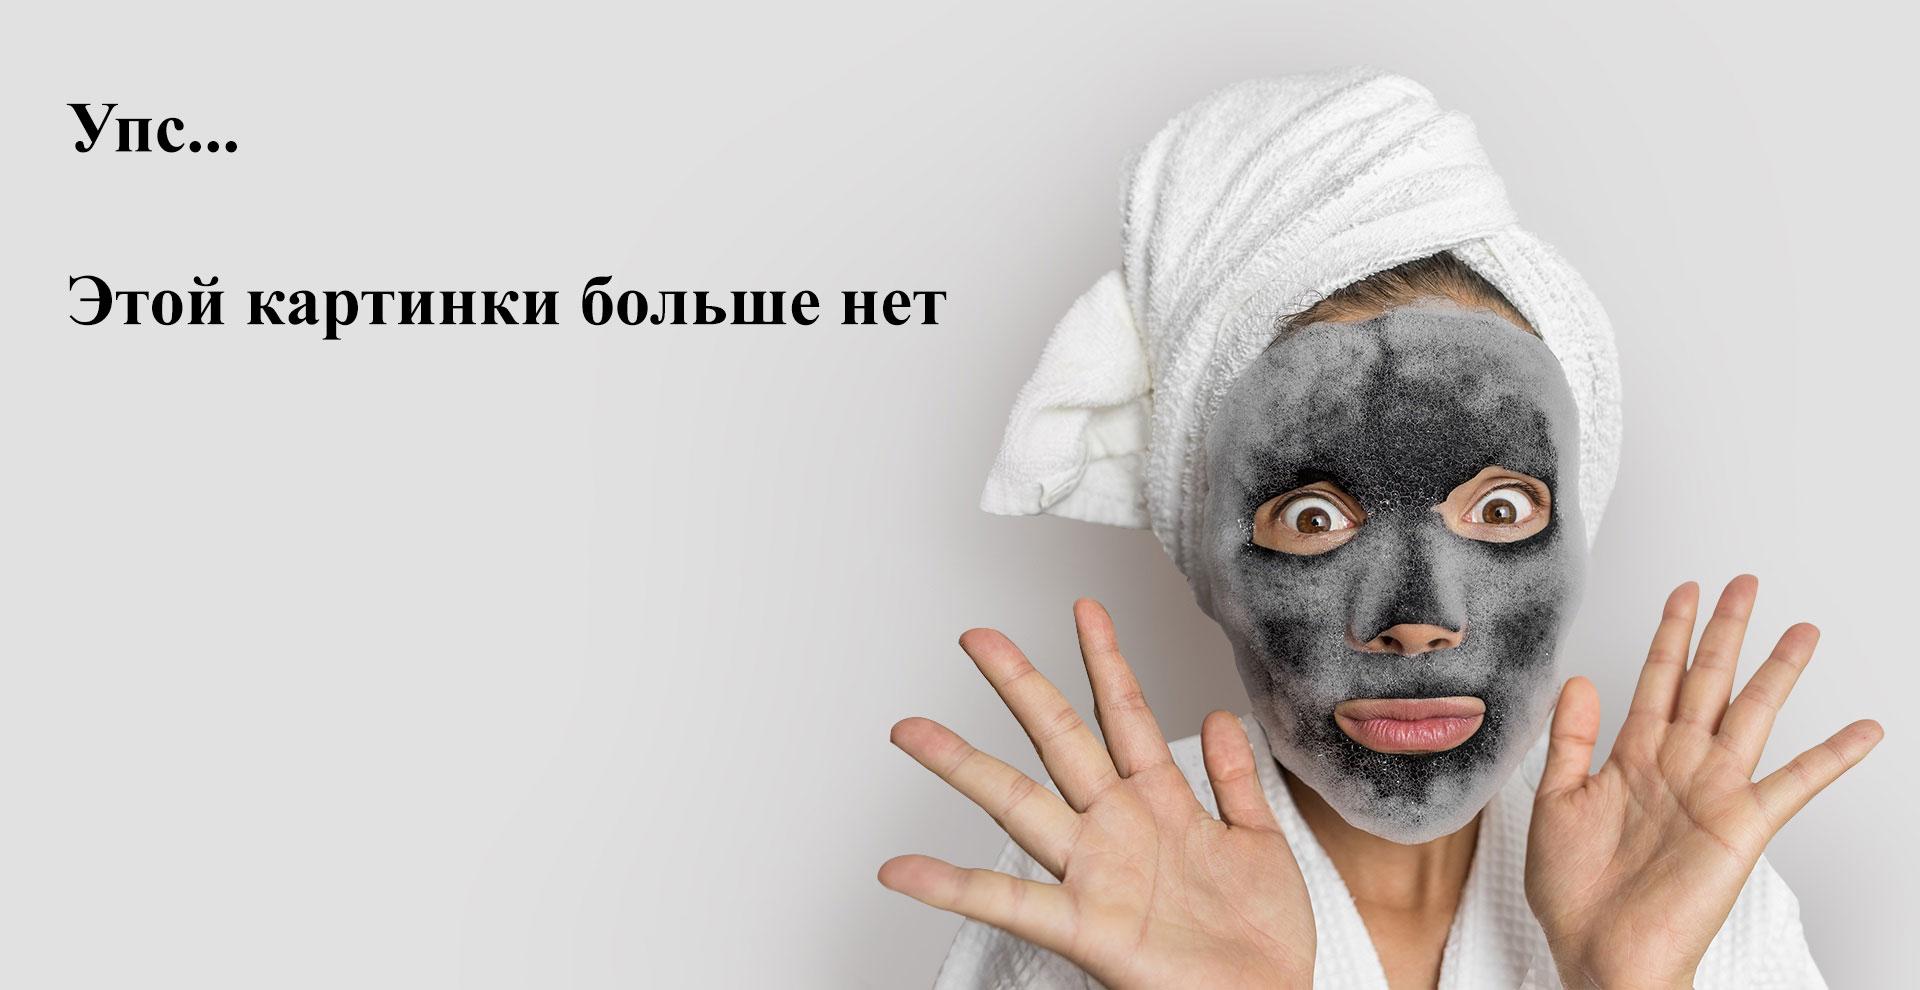 Mon Platin DSM, Шампунь для объема волос Black Caviar, 500 мл